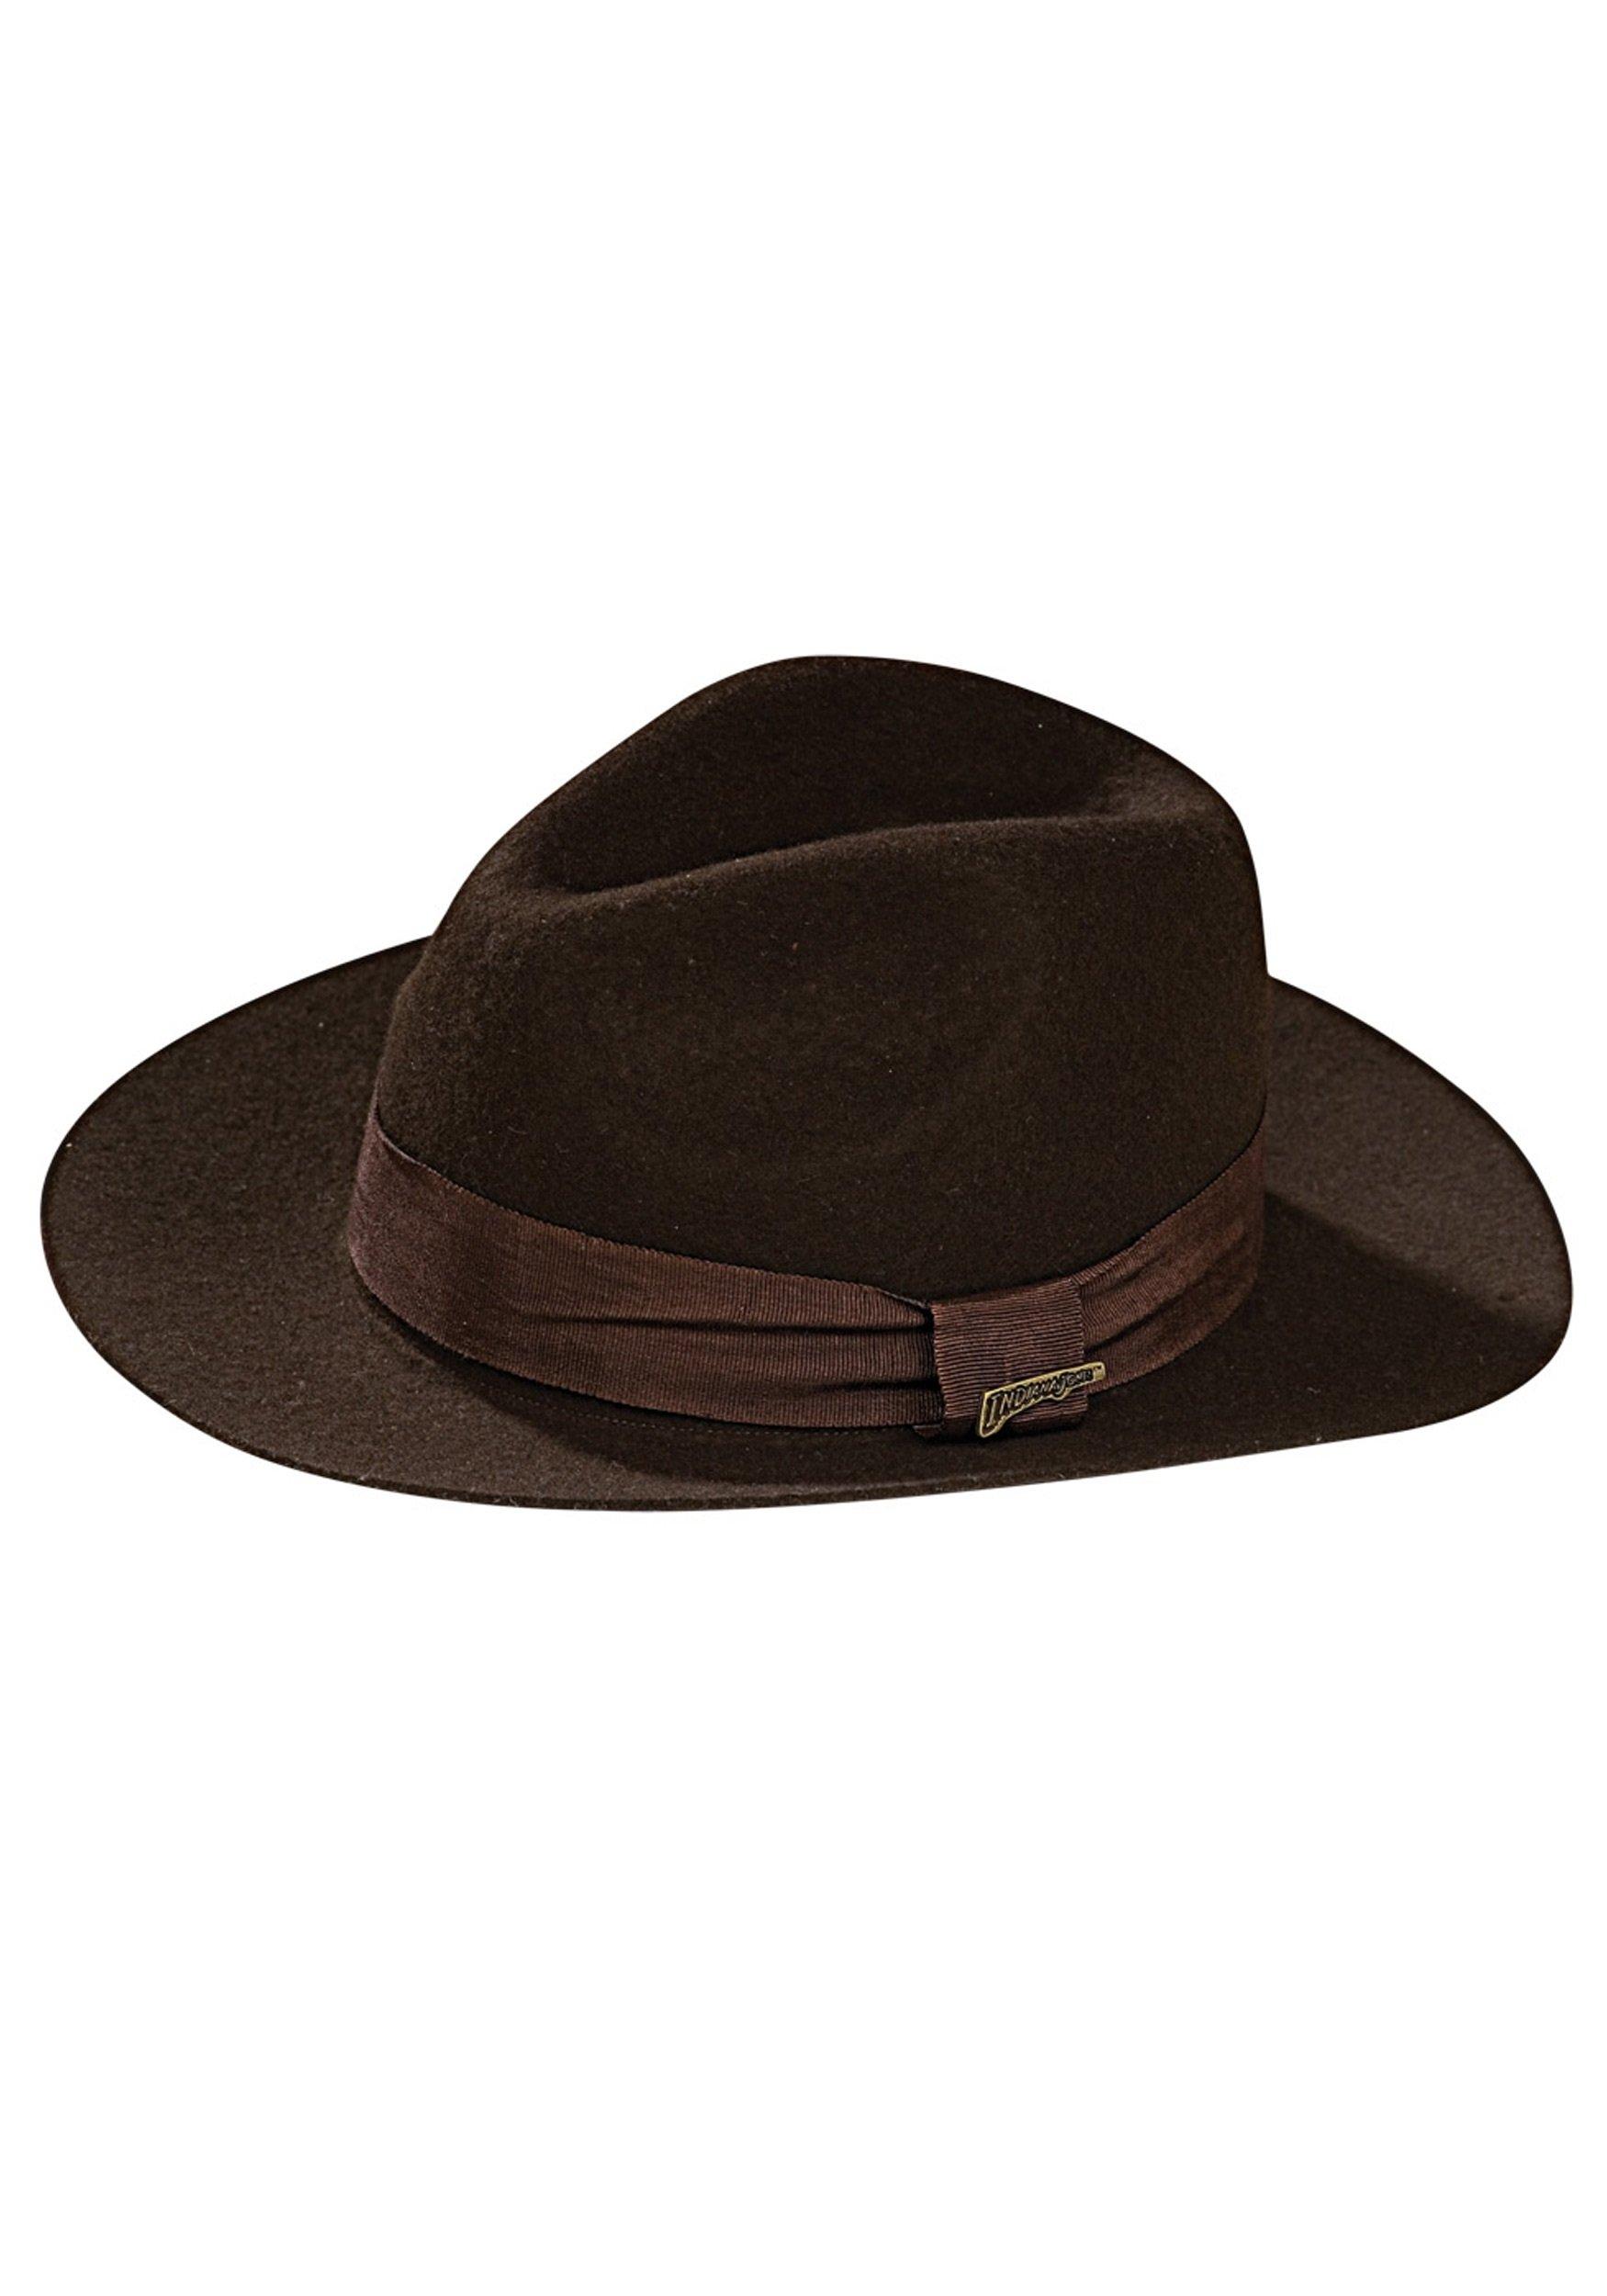 Adult Deluxe Indiana Jones Hat - ST